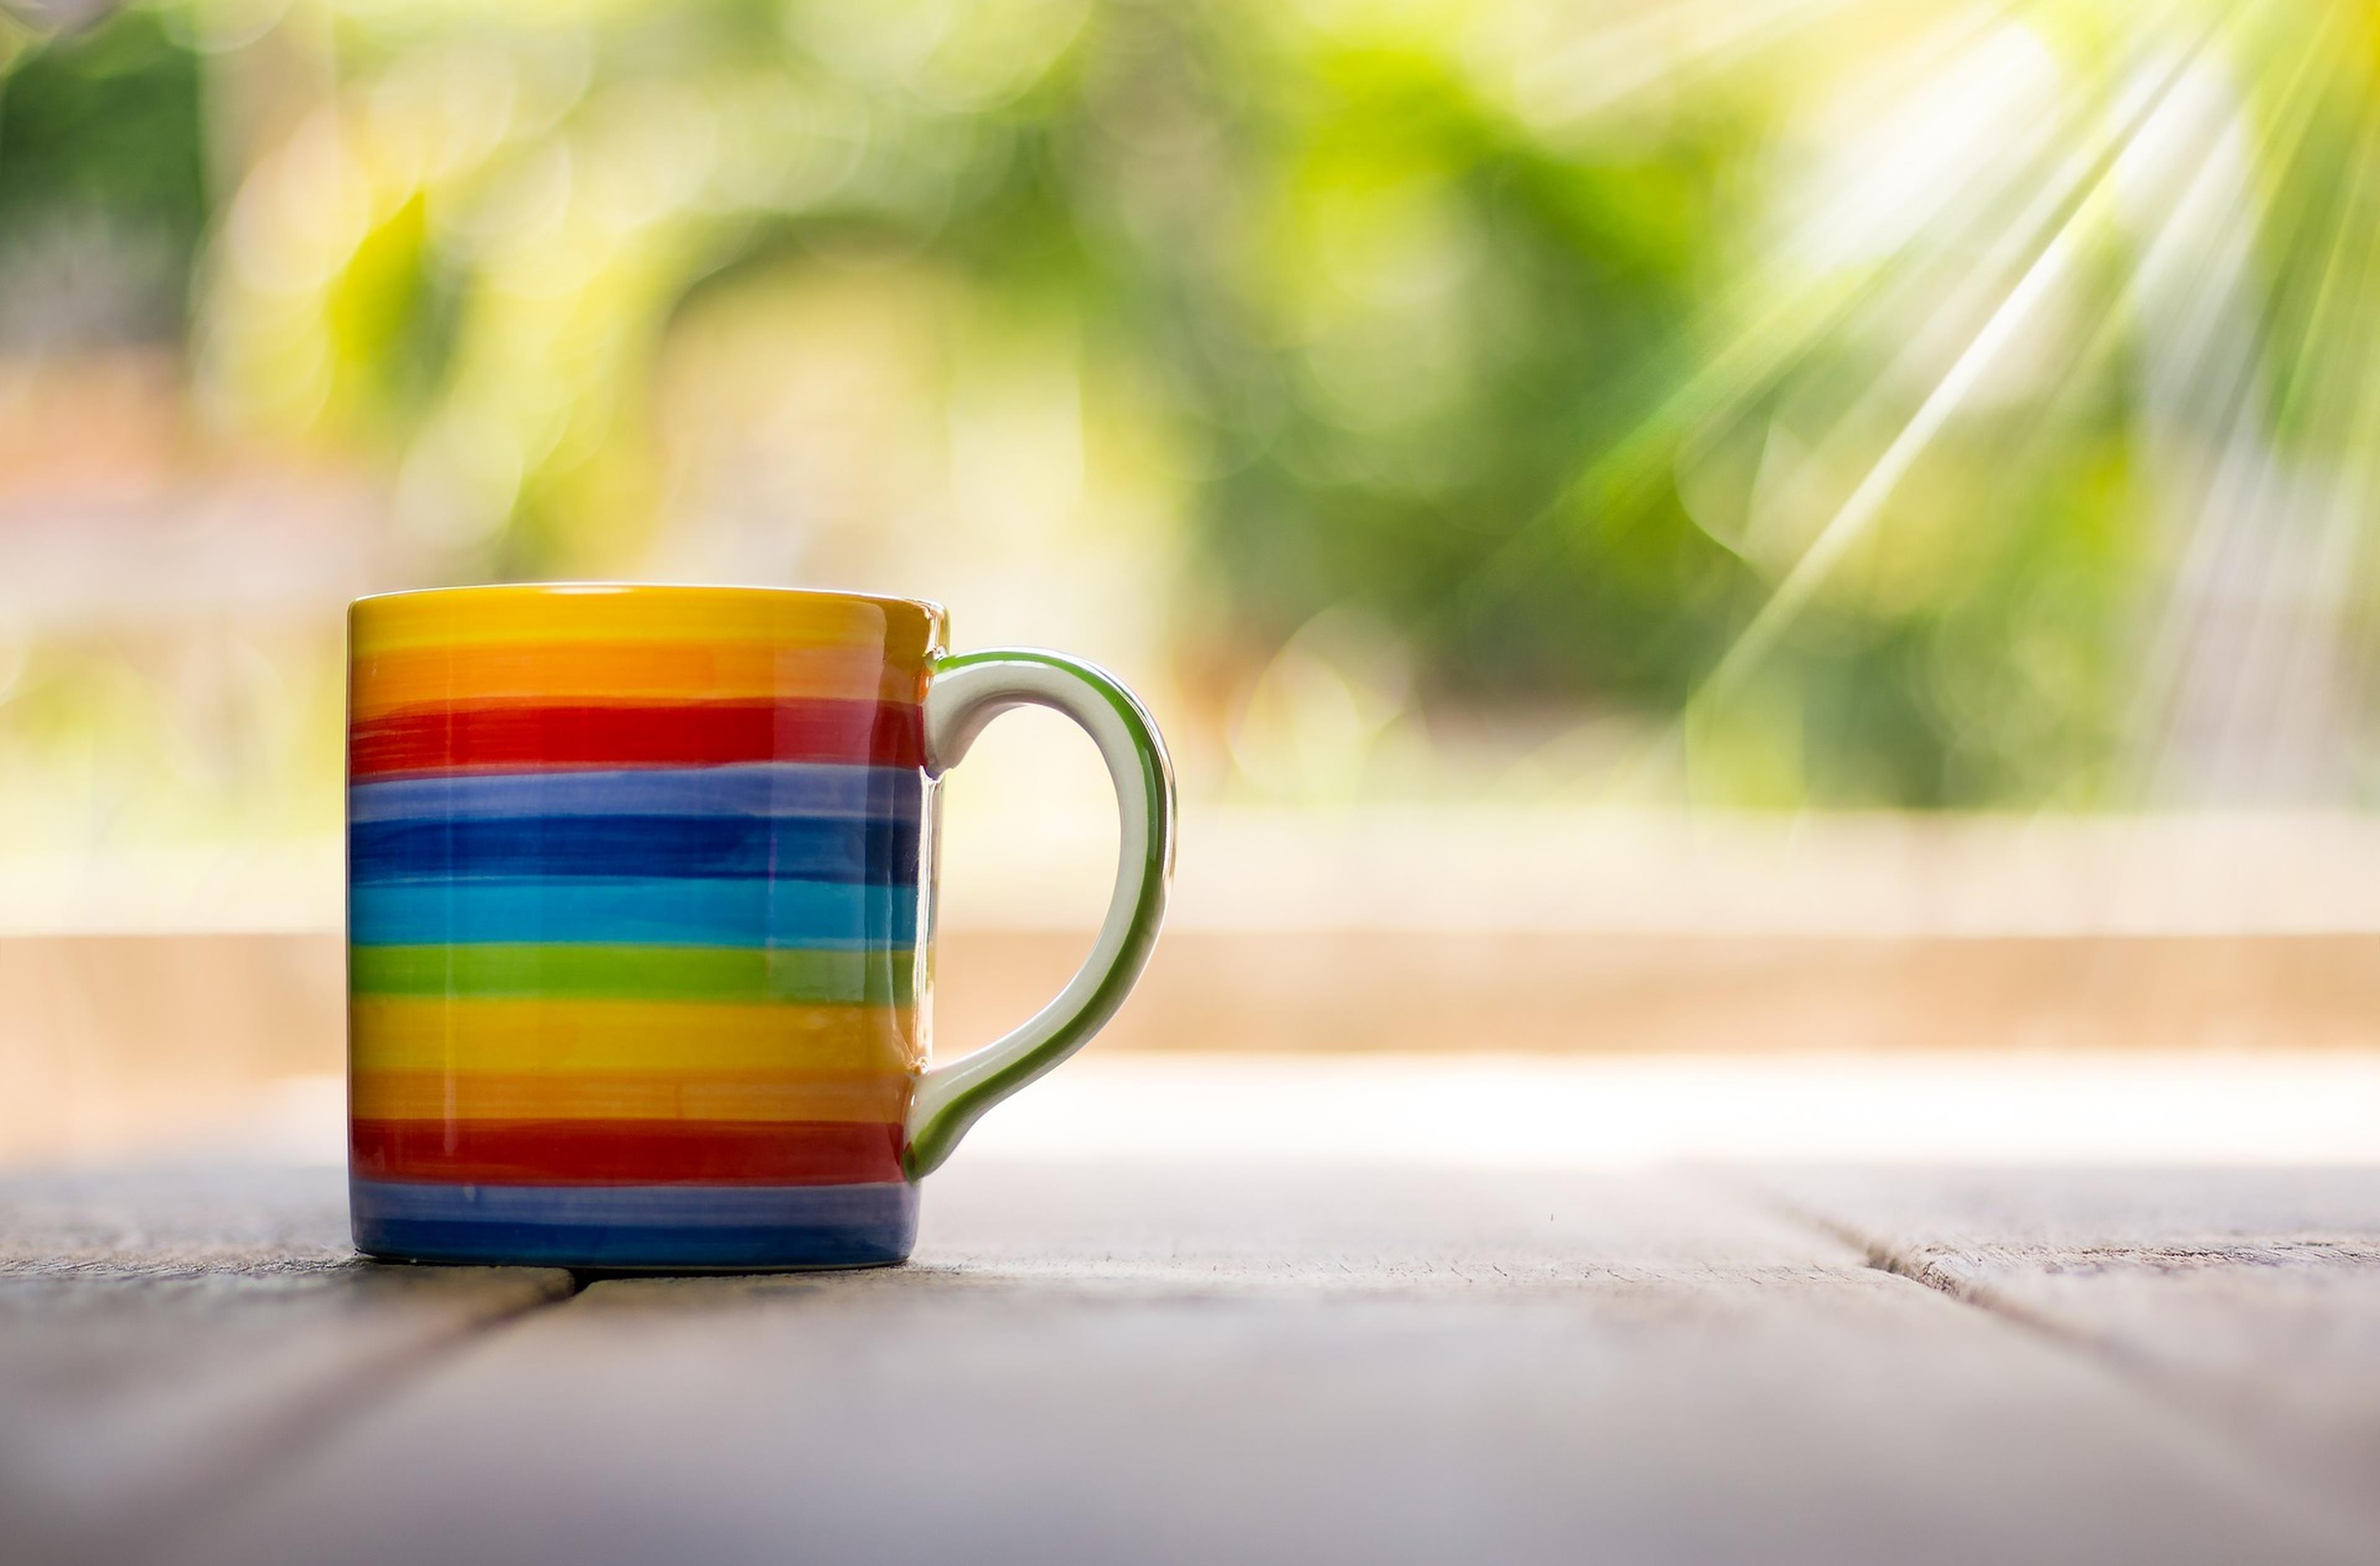 Tazza caffè del buongiorno